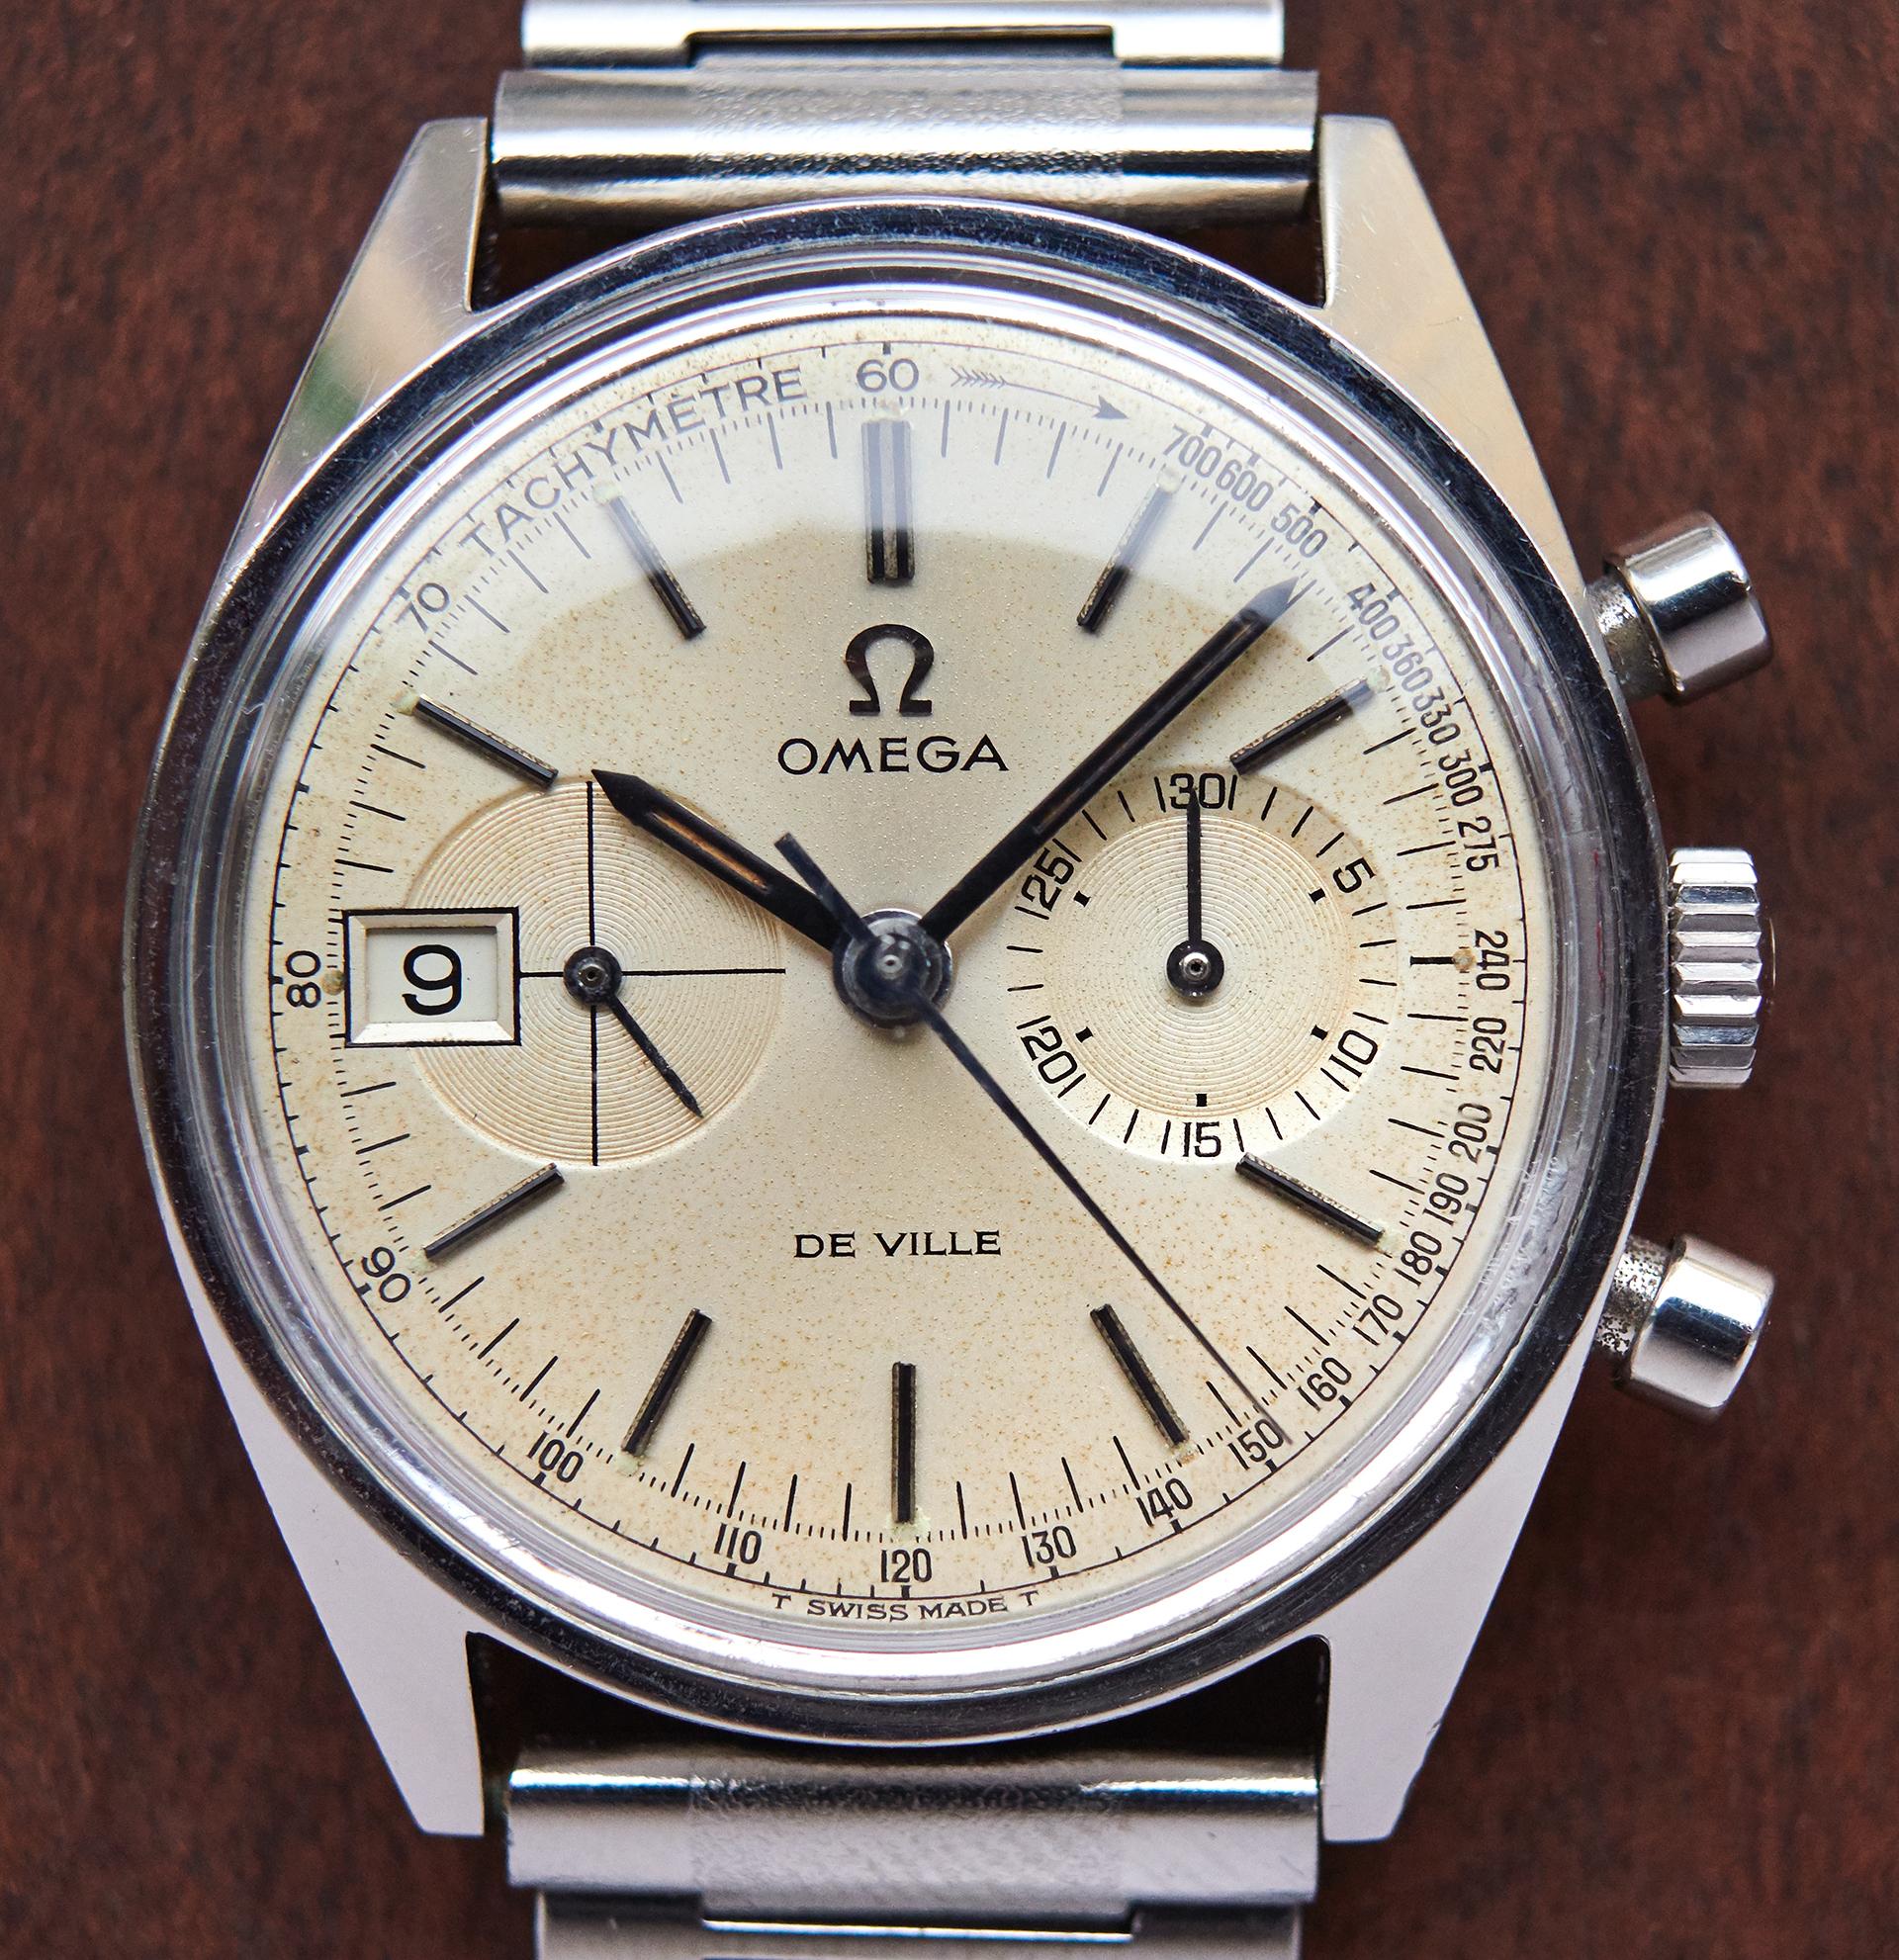 Omega De Ville chrono 146.017